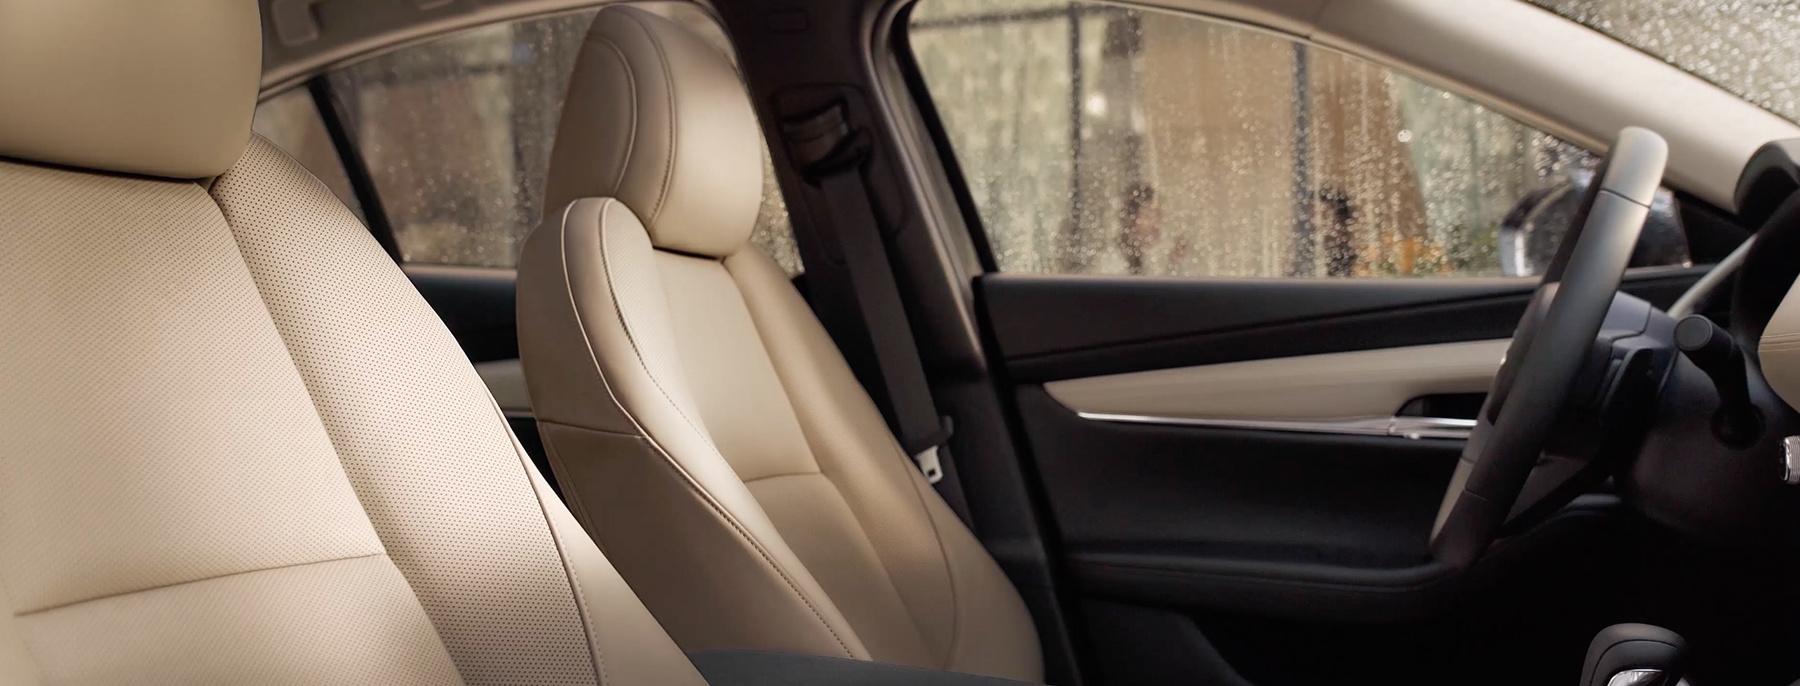 Luscious Interior of the 2019 Mazda3 Sedan